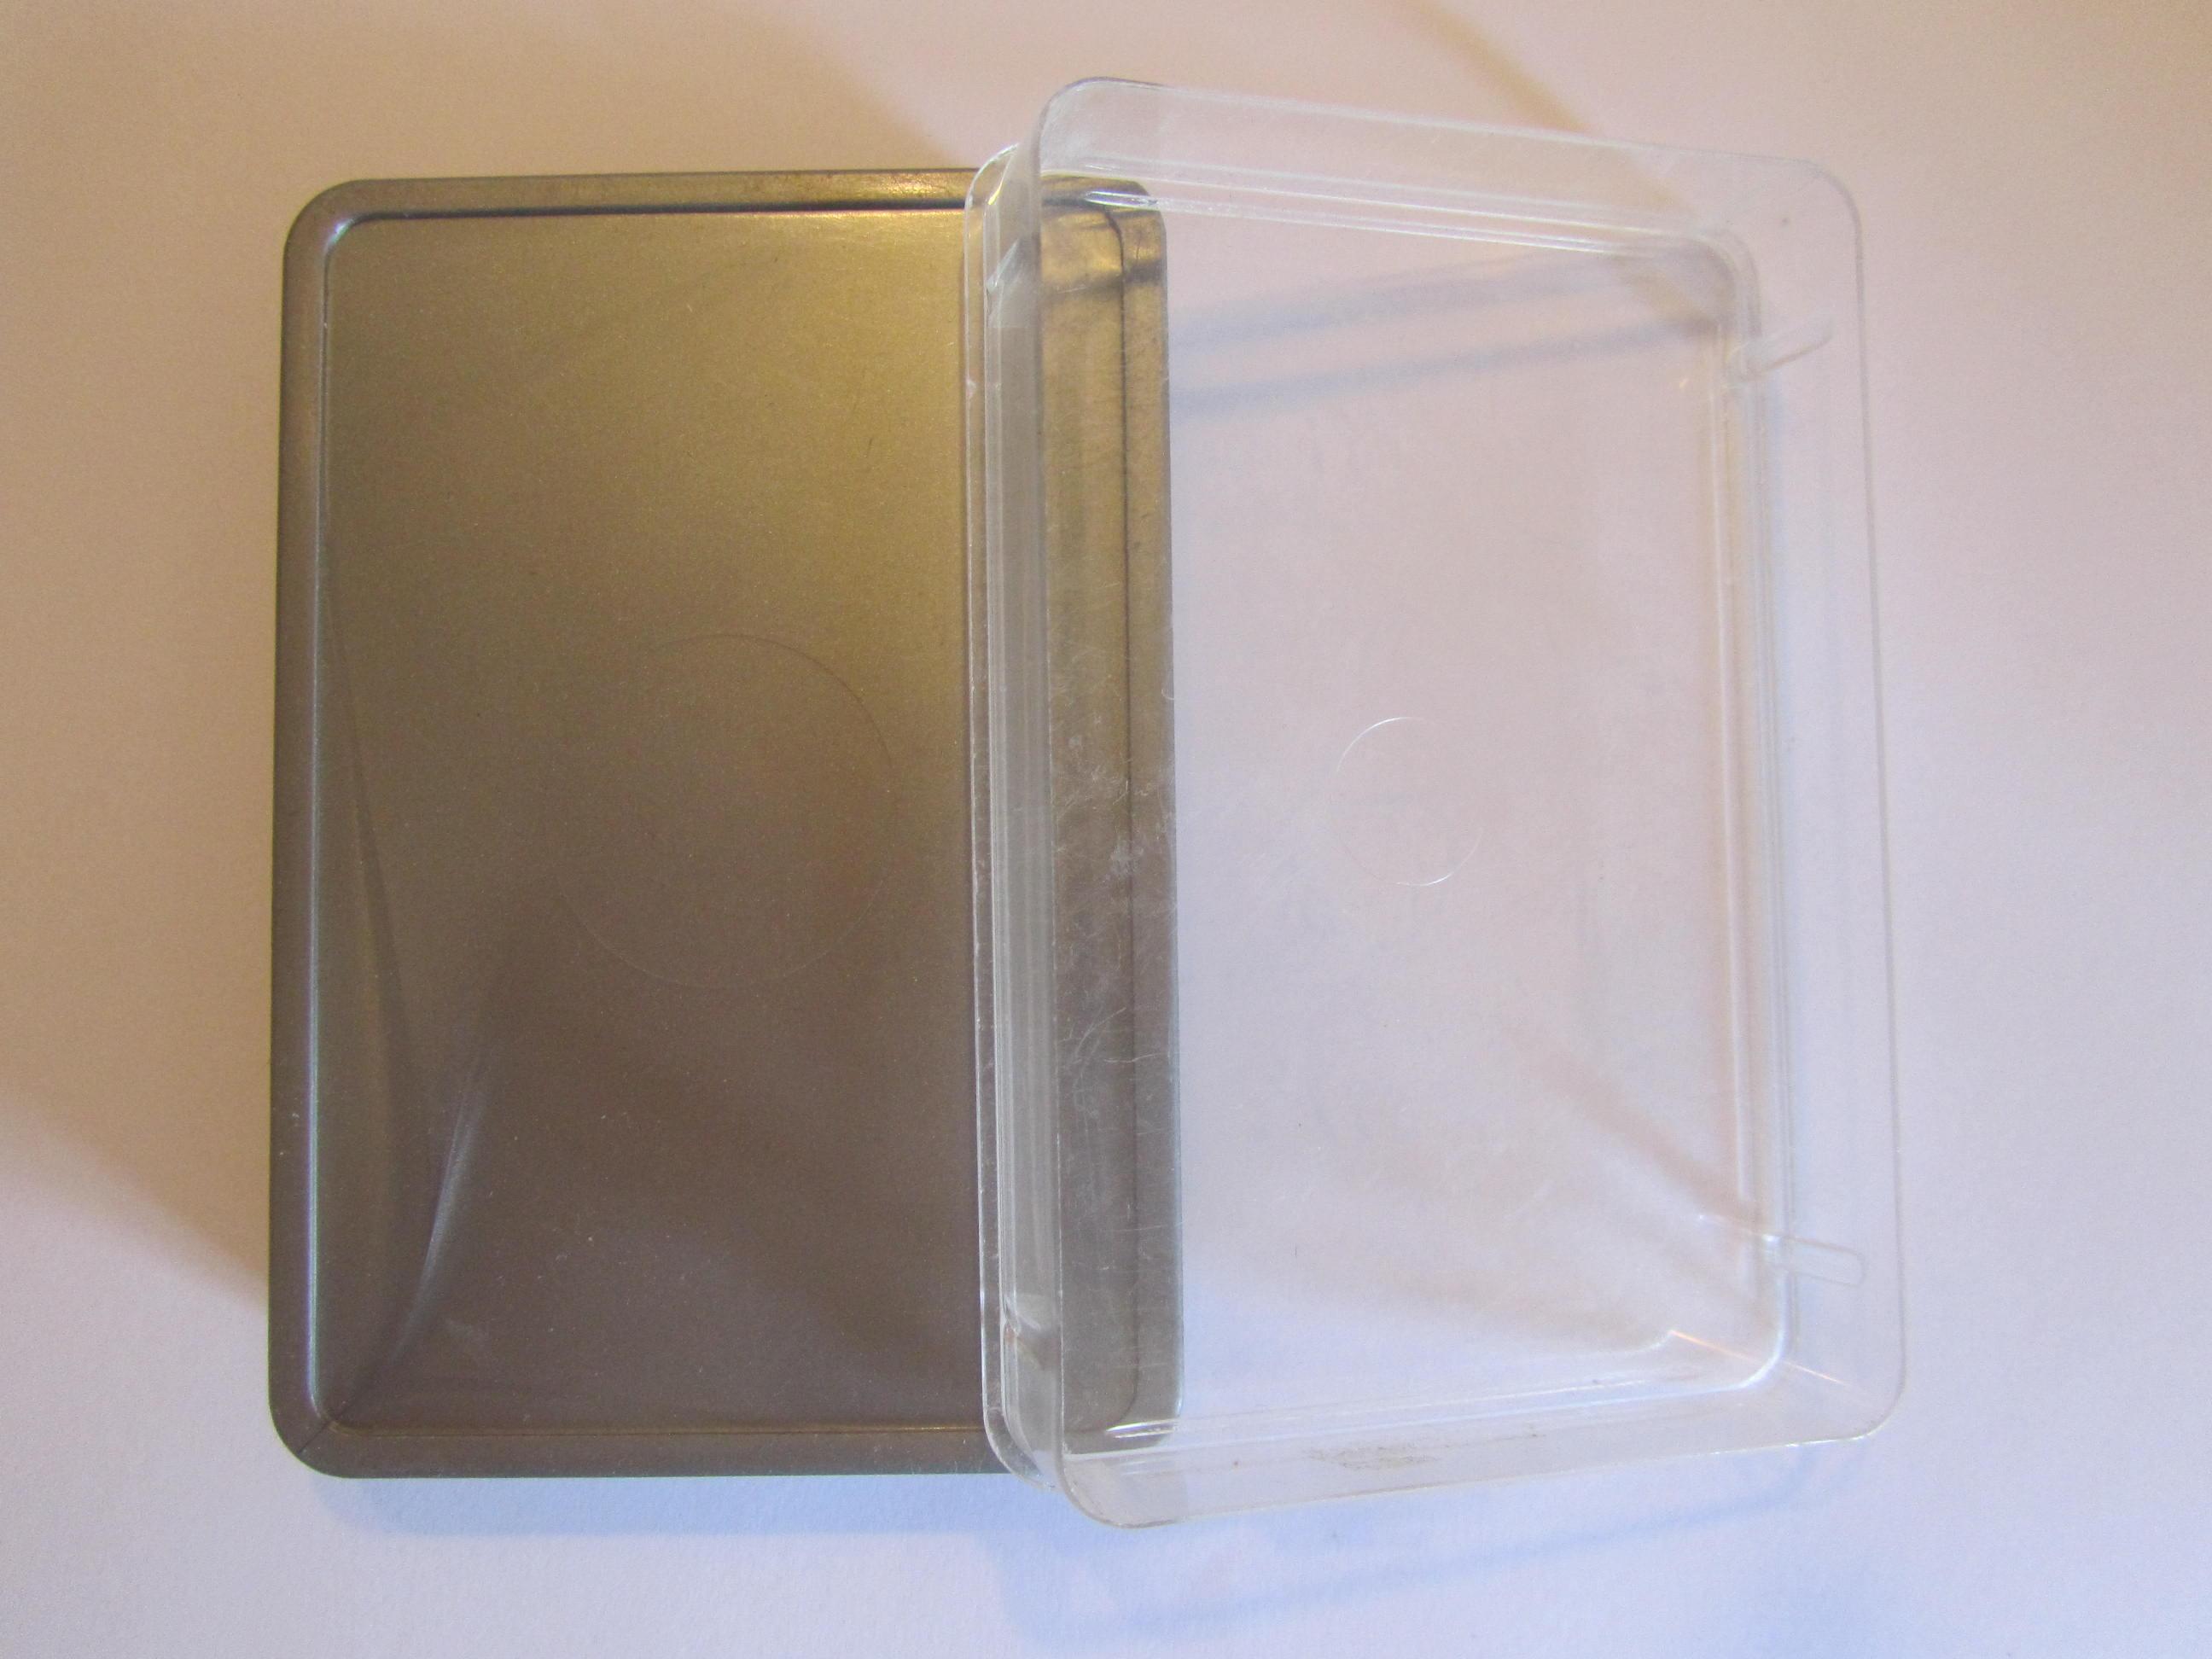 Silberne Plastikschachtel für Quartettspiele